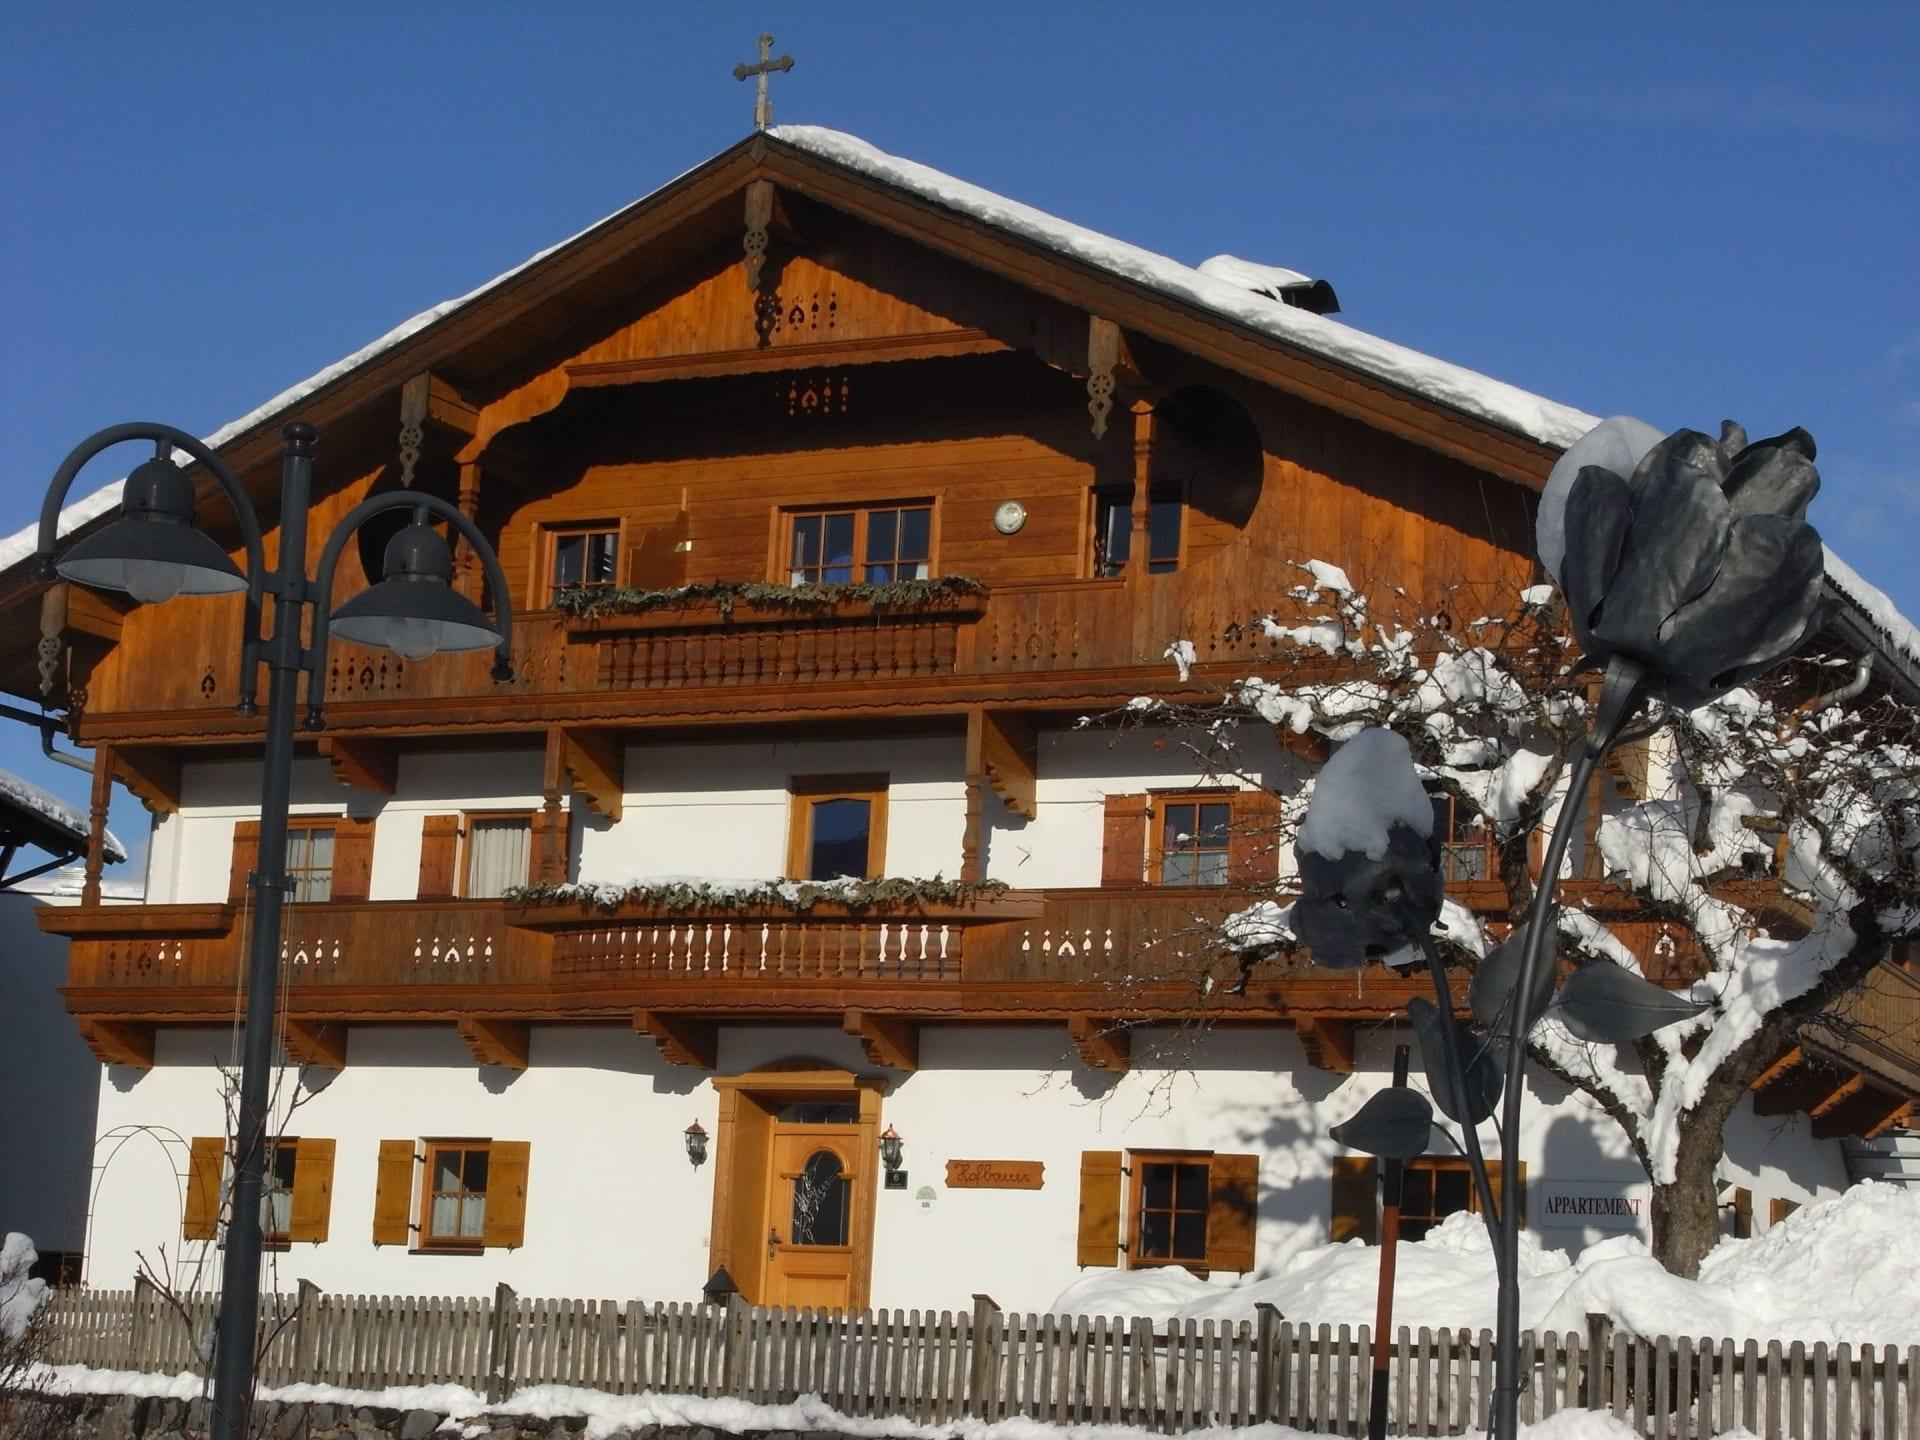 Winter in Itter